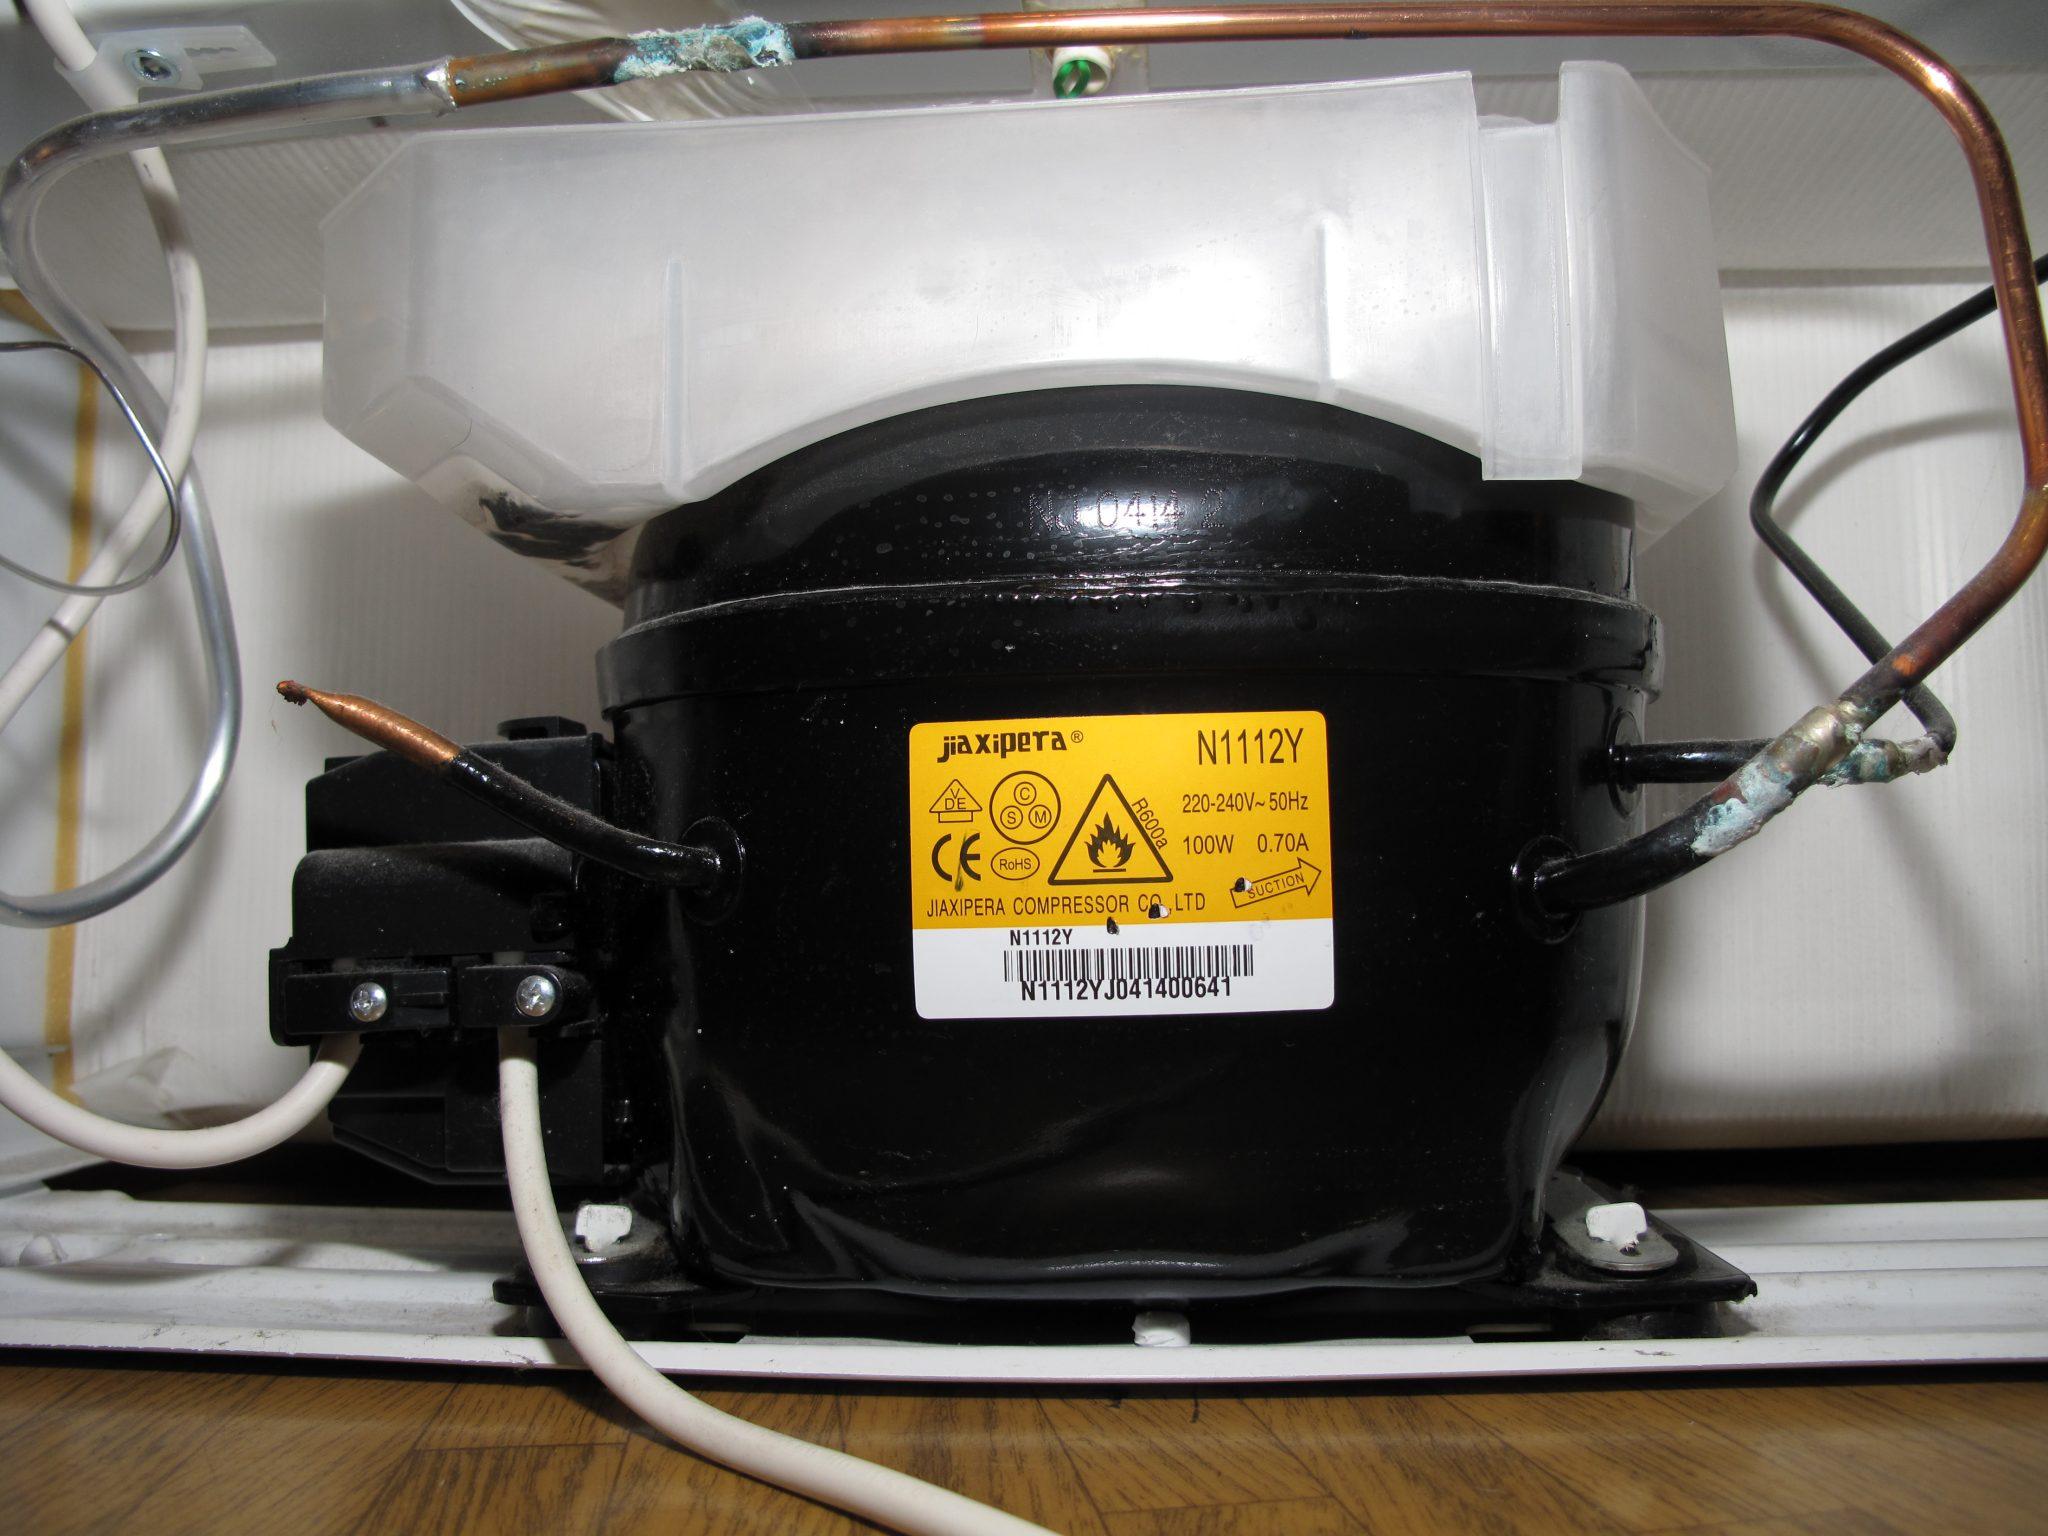 Compressore rotto nel frigo - Il frigo non raffredda? Possibili cause e soluzioni fai da te